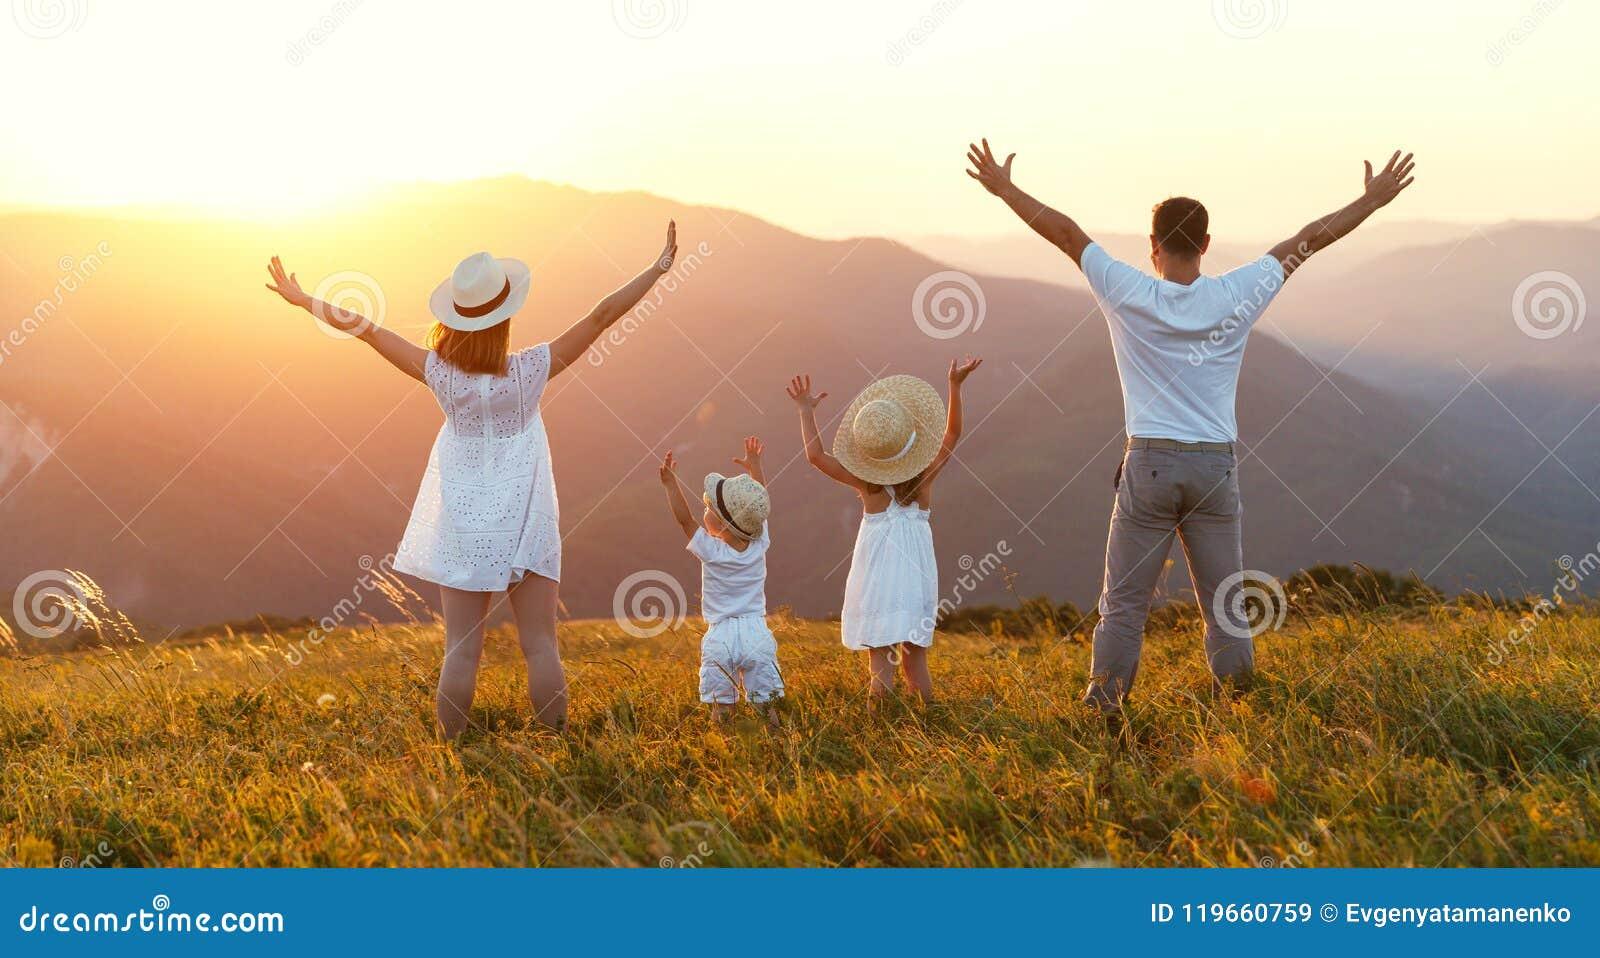 Szczęśliwa rodzina: matka, ojciec, dzieci synowie i córka na sunse,